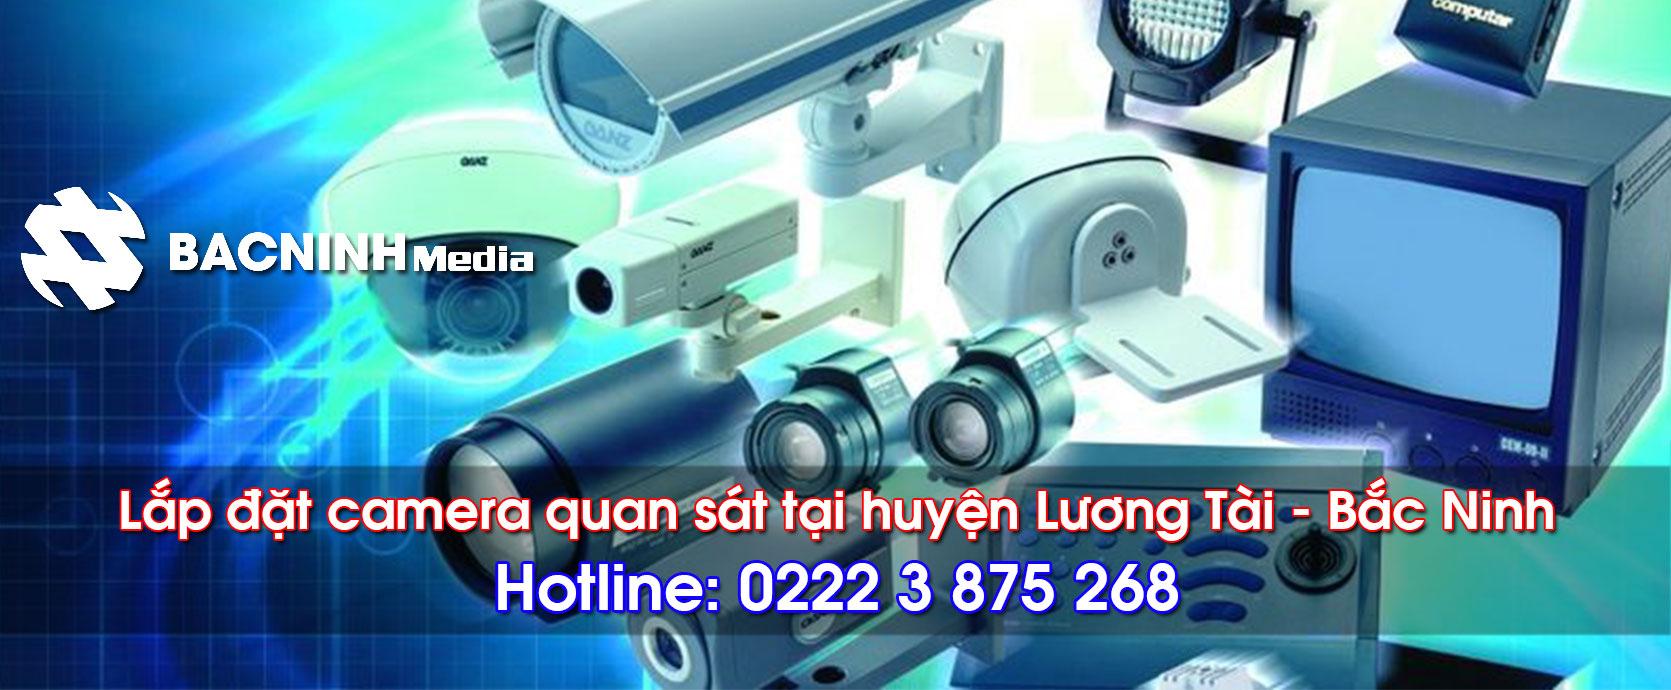 Lắp đặt camera quan sát tại huyện Lương Tài Bắc Ninh